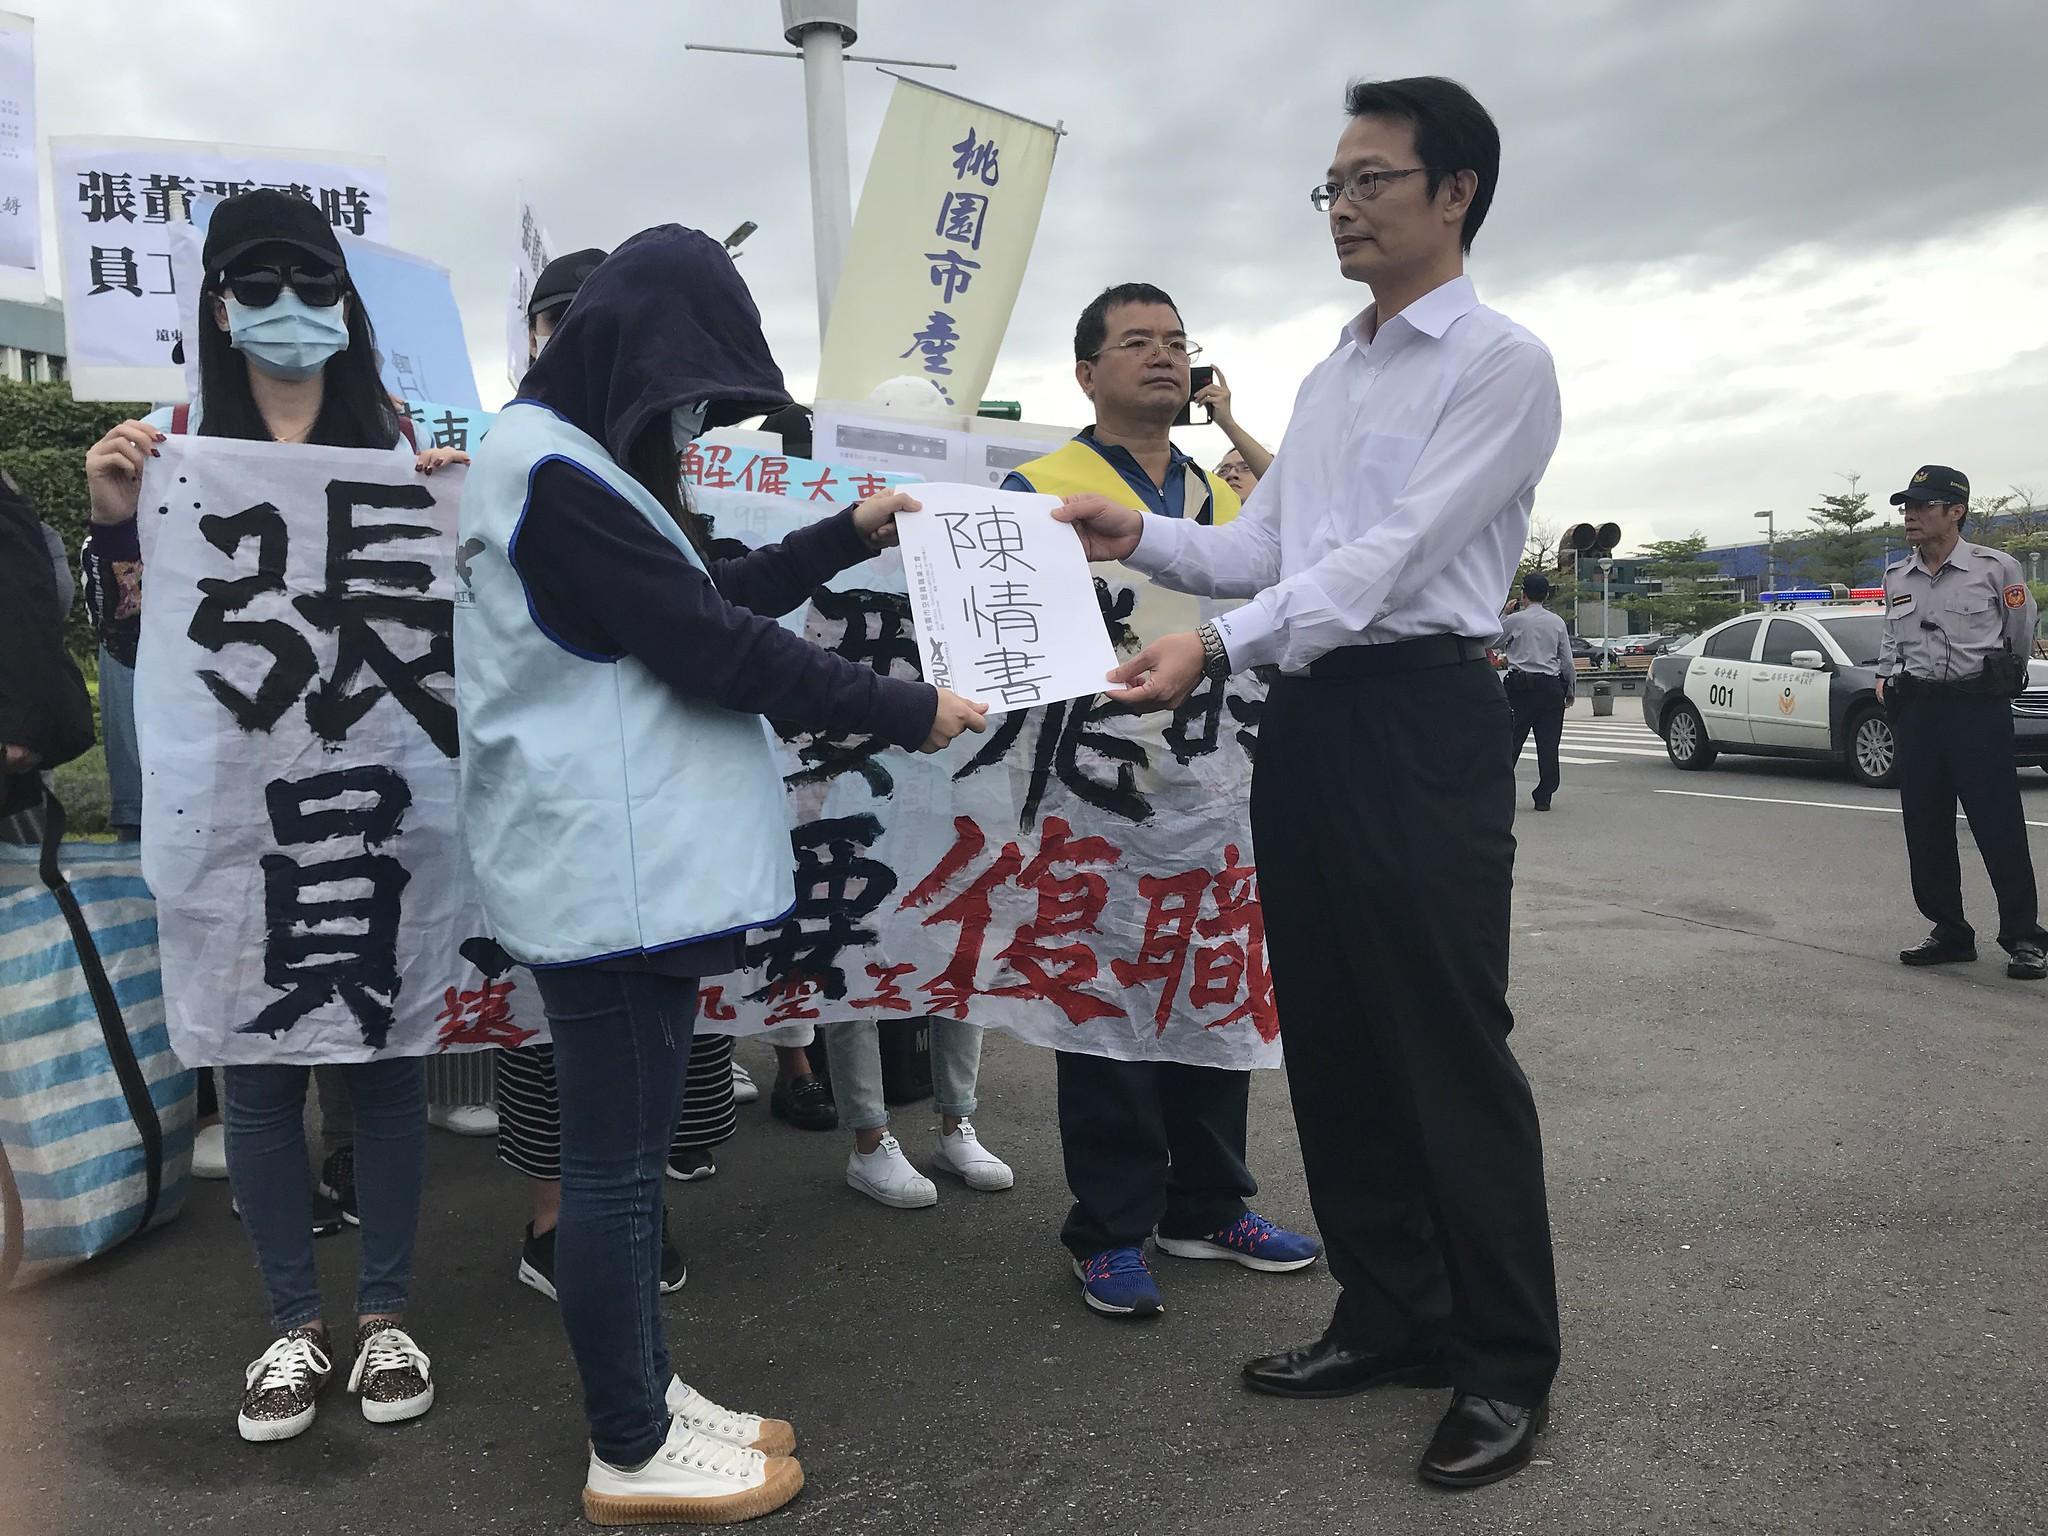 工會向民航局陳情,民航局標準組長林俊良表示不樂見遠航勞資衝突持續下去。(攝影:張宗坤)